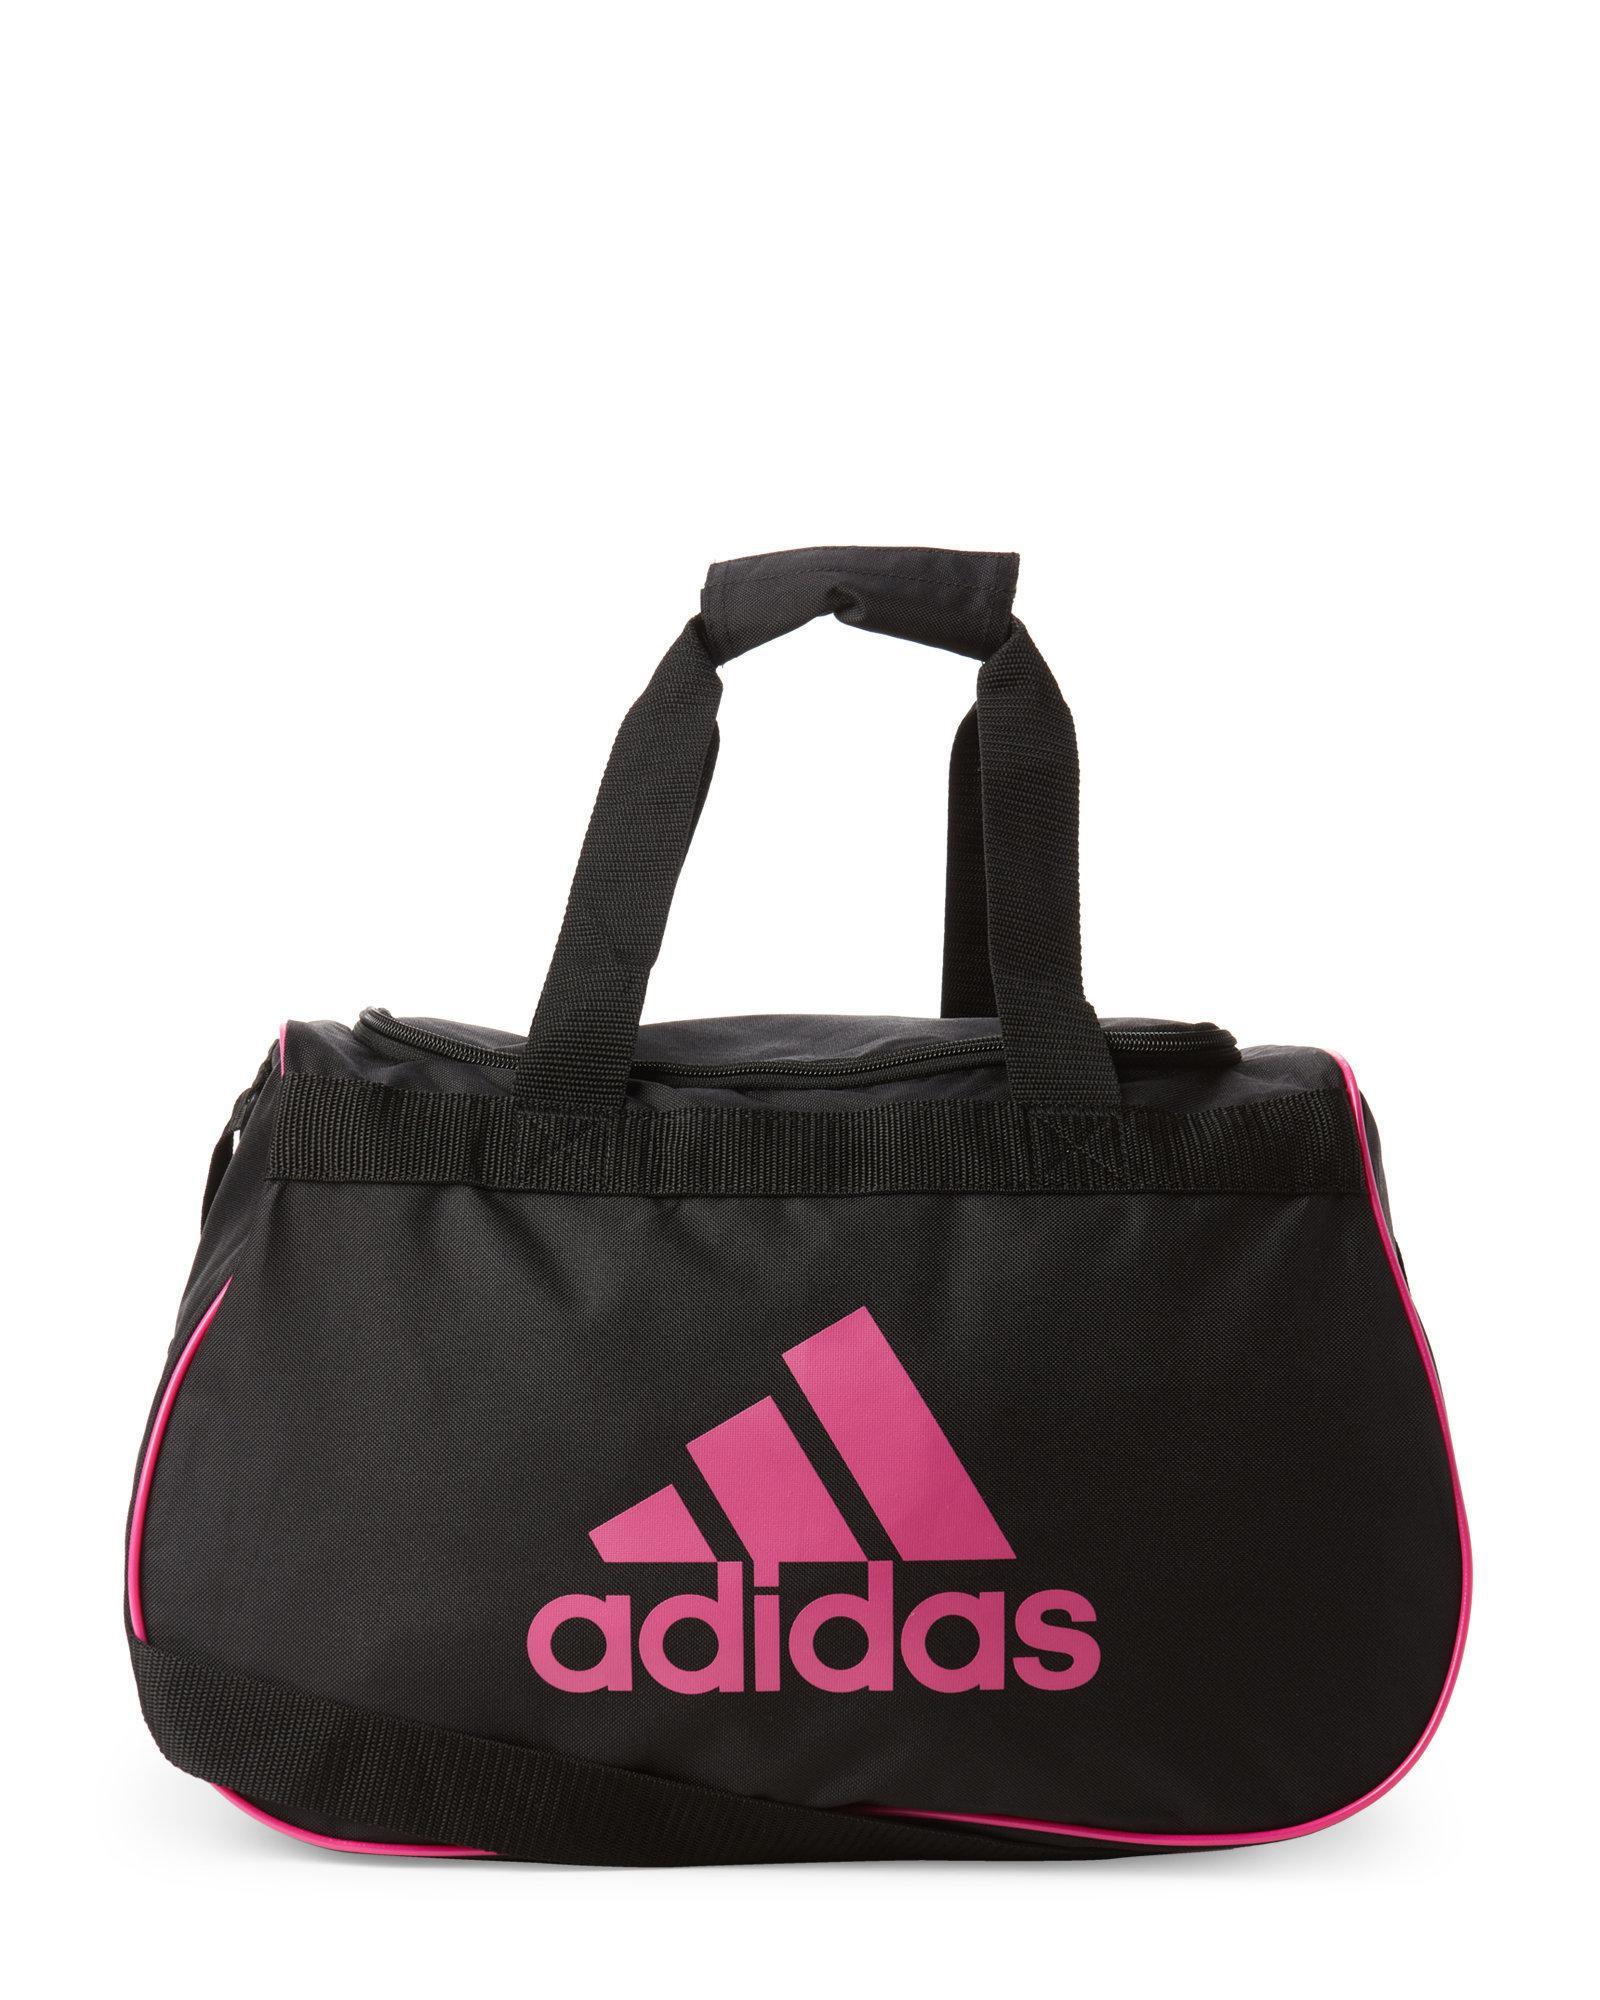 52ac70fc7ceb Lyst - adidas Black   Pink Diablo Small Duffel Bag in Black